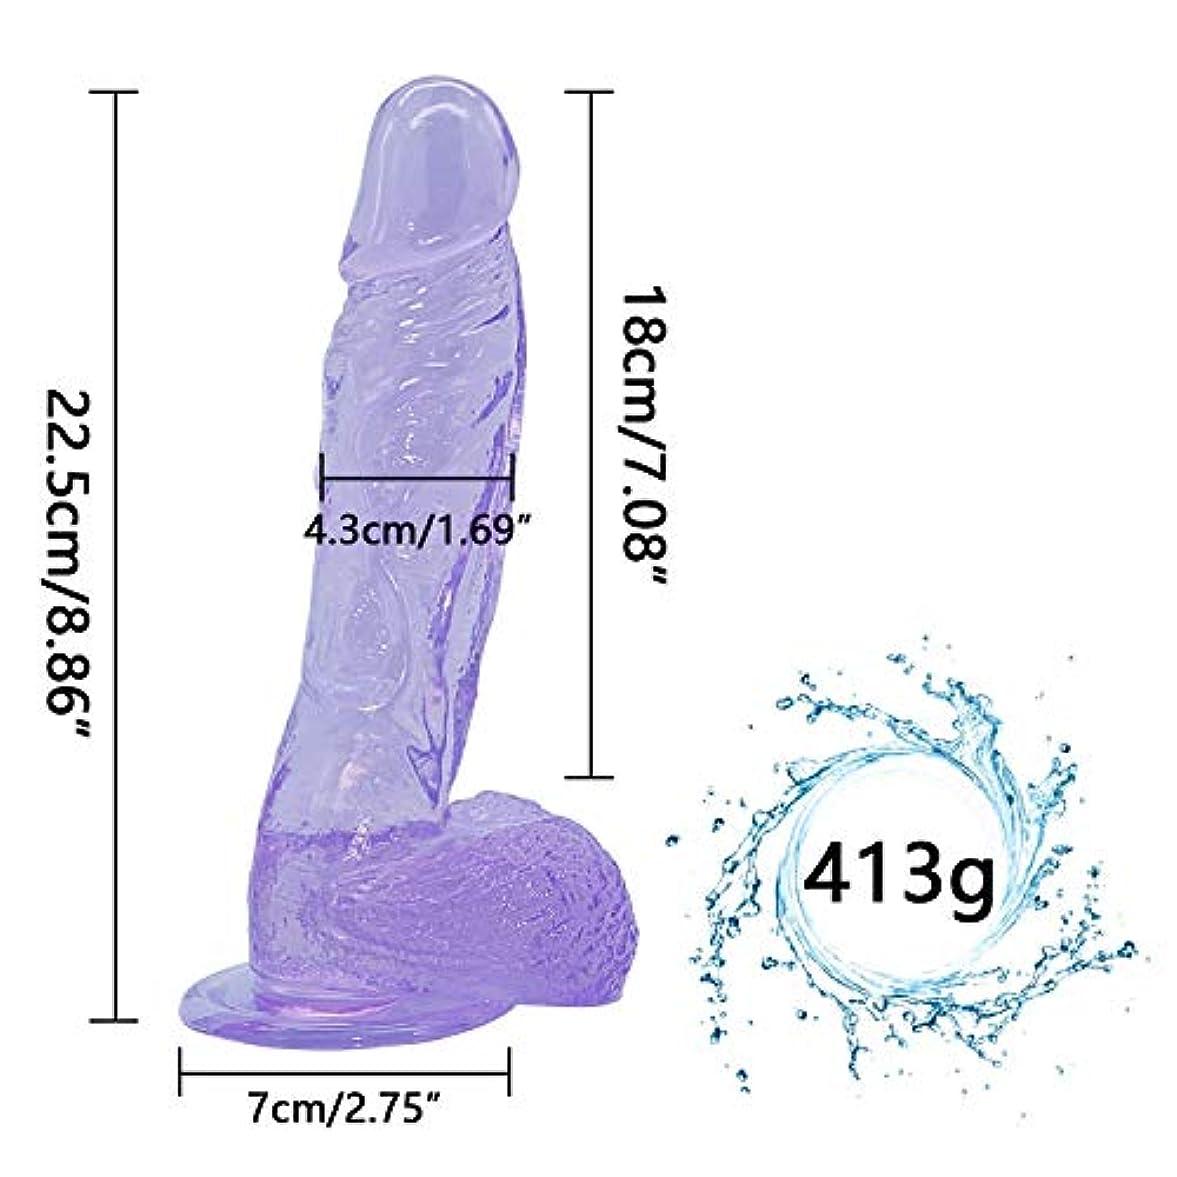 わかる飼料いじめっ子ChenXiDian 巨大な洞8.86インチのリアルなマッサージャー強力なサクションカップボディマッサージを備えた巨大なマッサージャー-機密配送-慎重な配送-出会いは秘密です 本当の感触